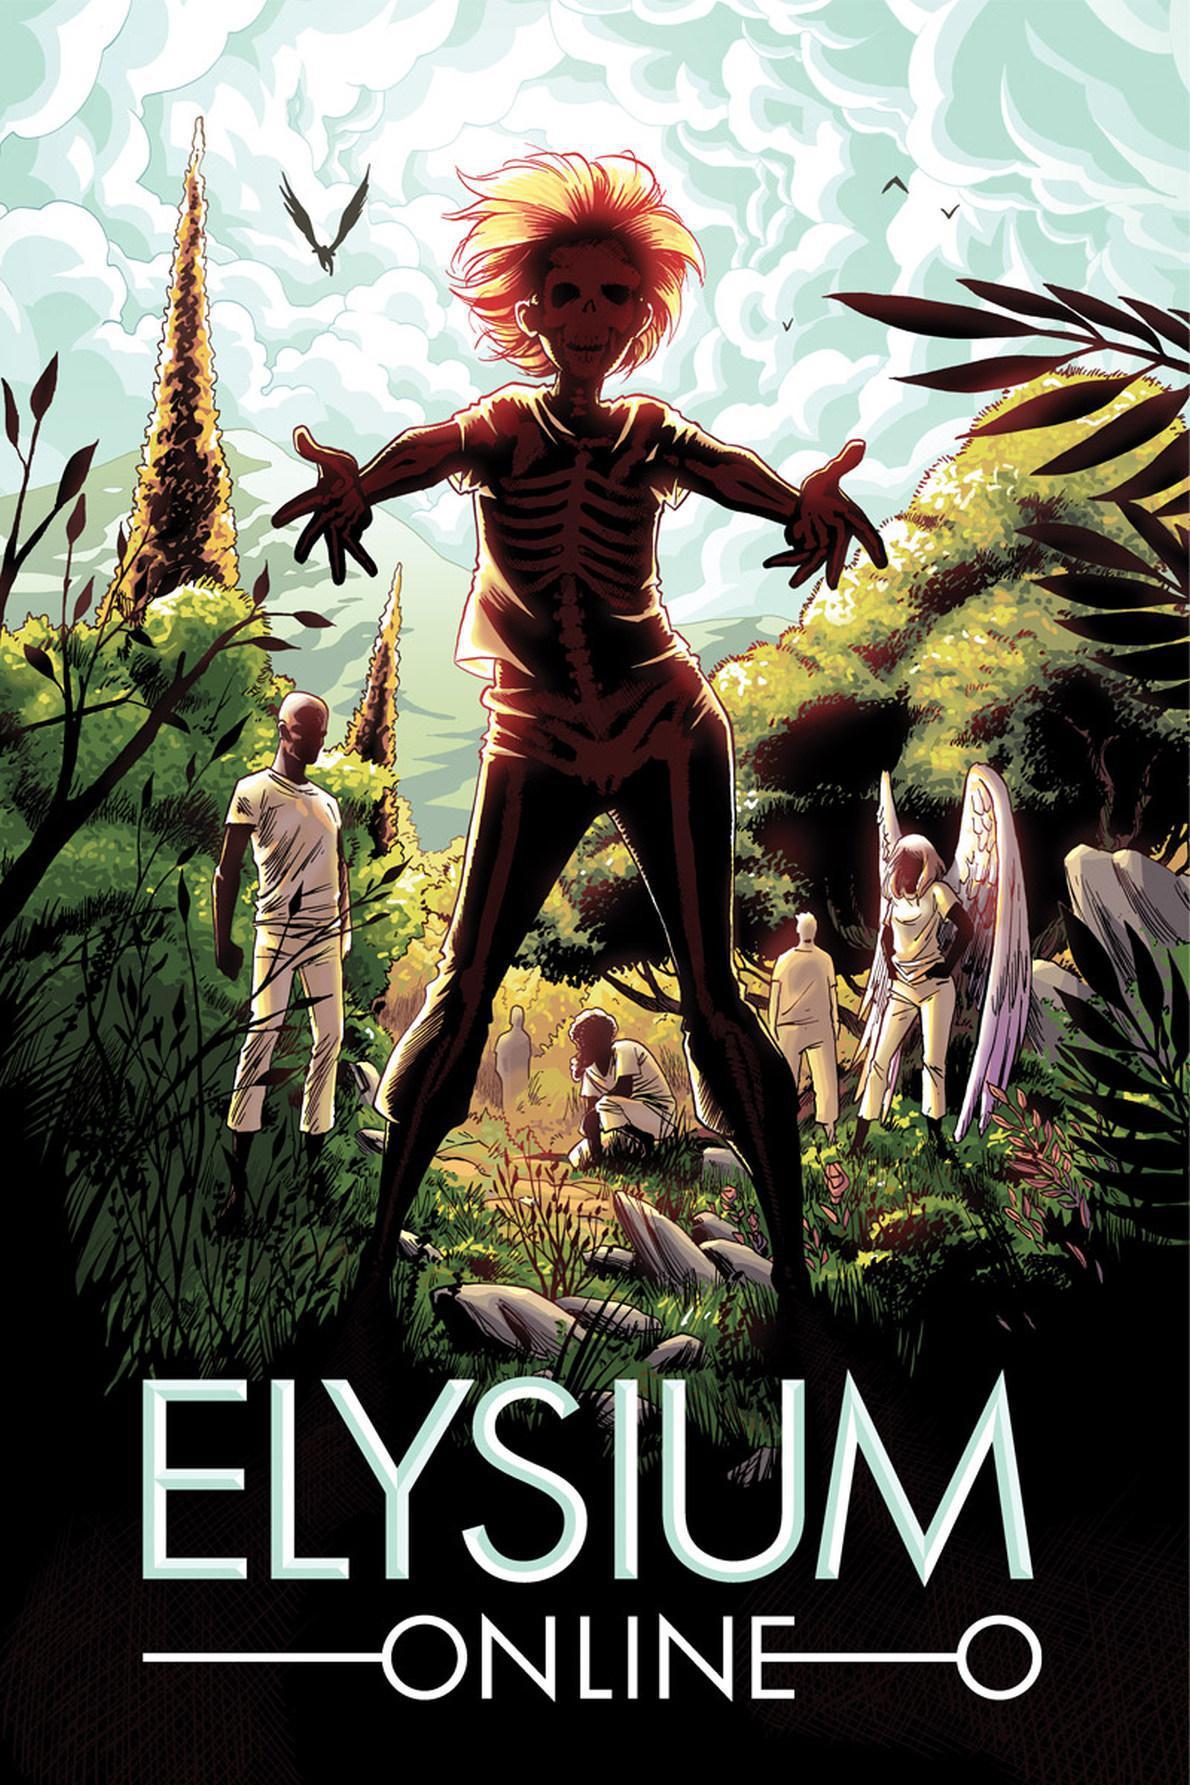 Το εξώφυλλο του πολυαναμενόμενου Elysium Online, που χρηματοδοτήθηκε από τον κόσμο.